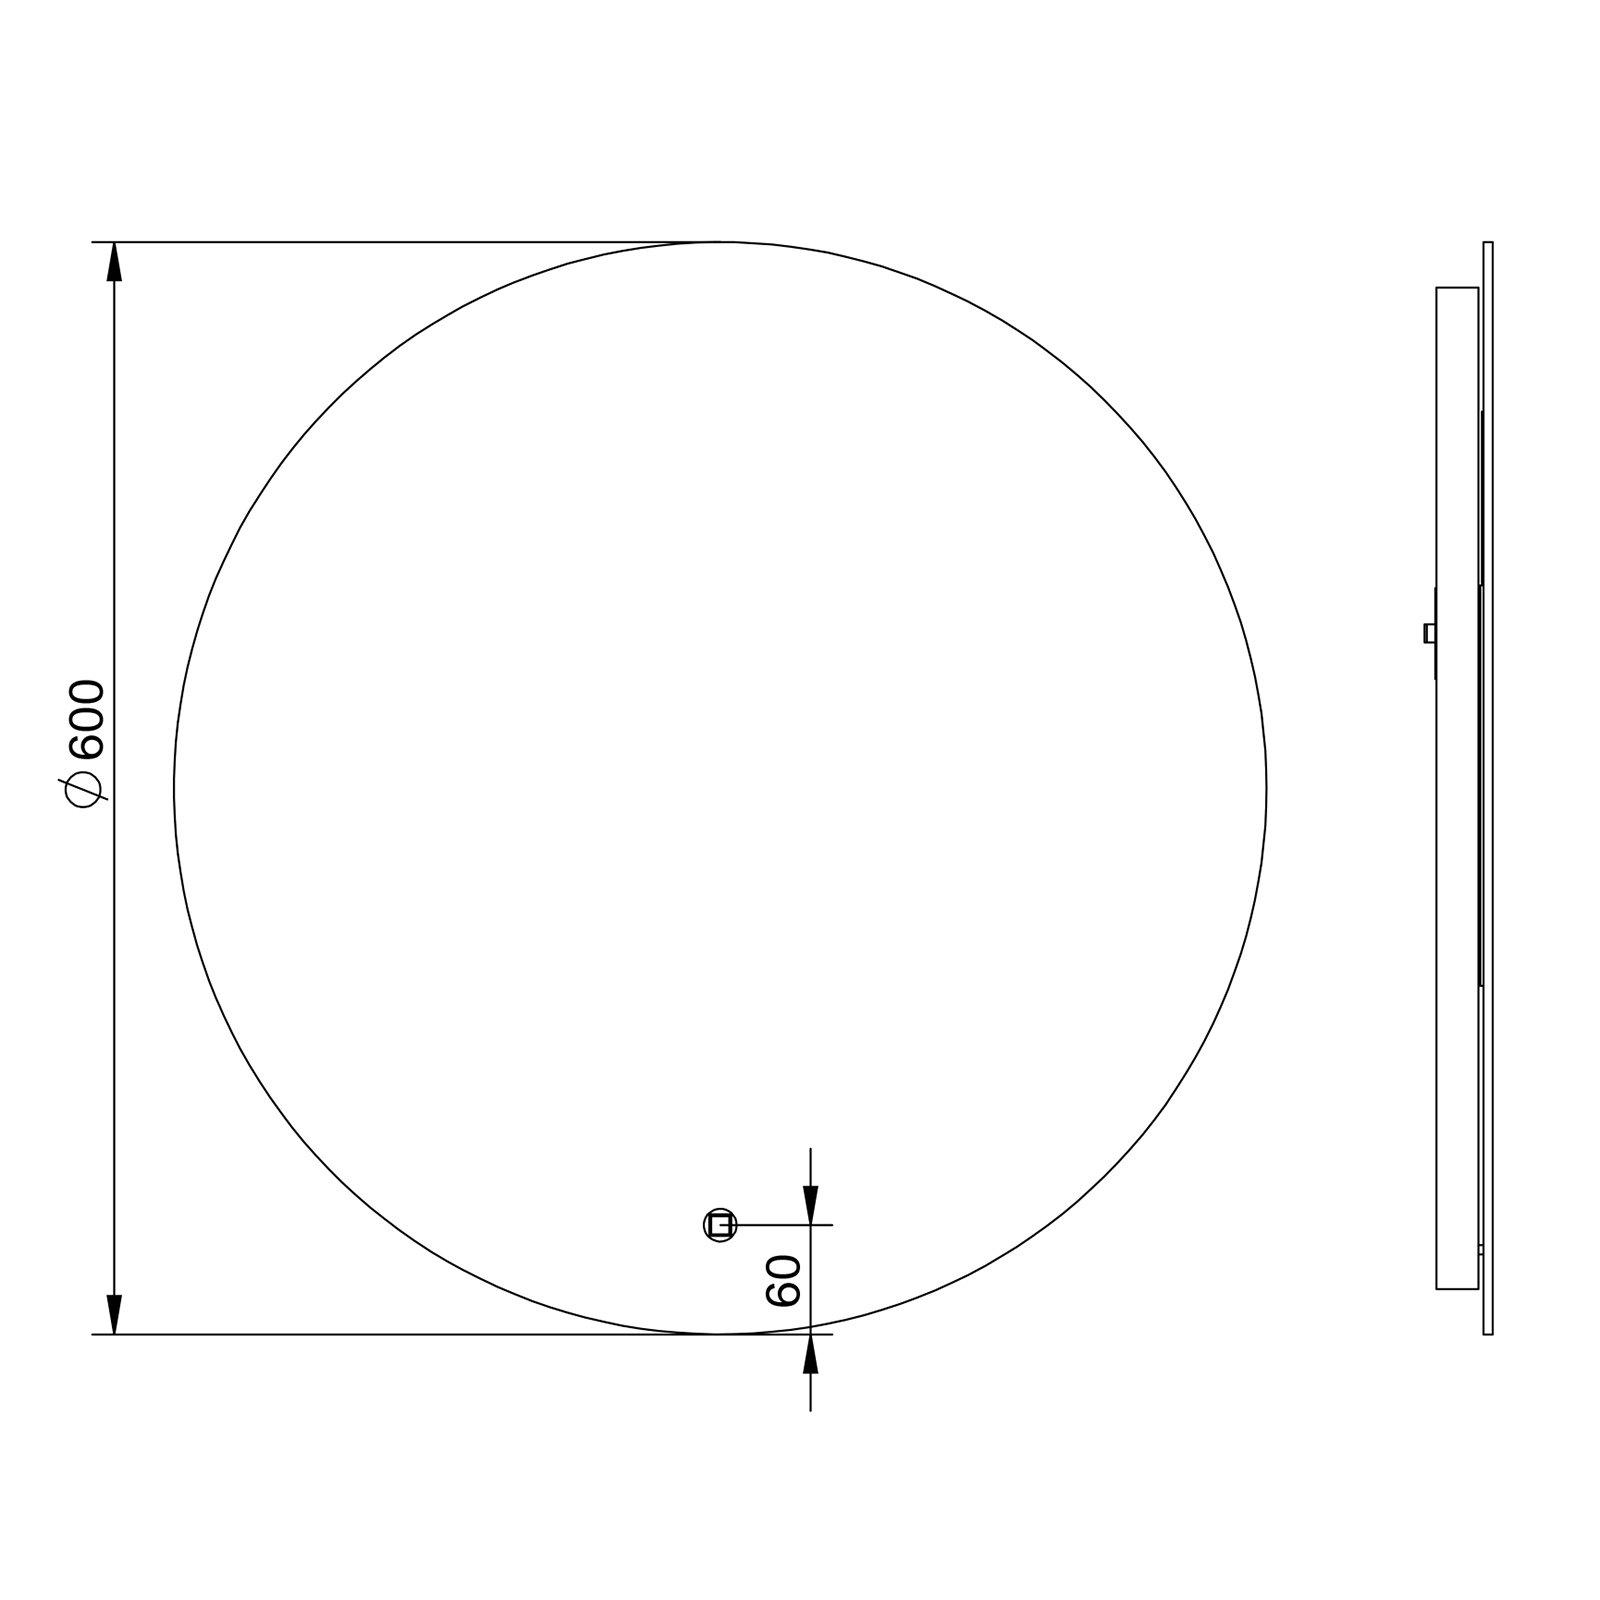 LED Lichtspiegel Badspiegel 2712 mit Spiegelheizung & Warm-/Kaltlichteinstellung - Rund Ø 60 cm